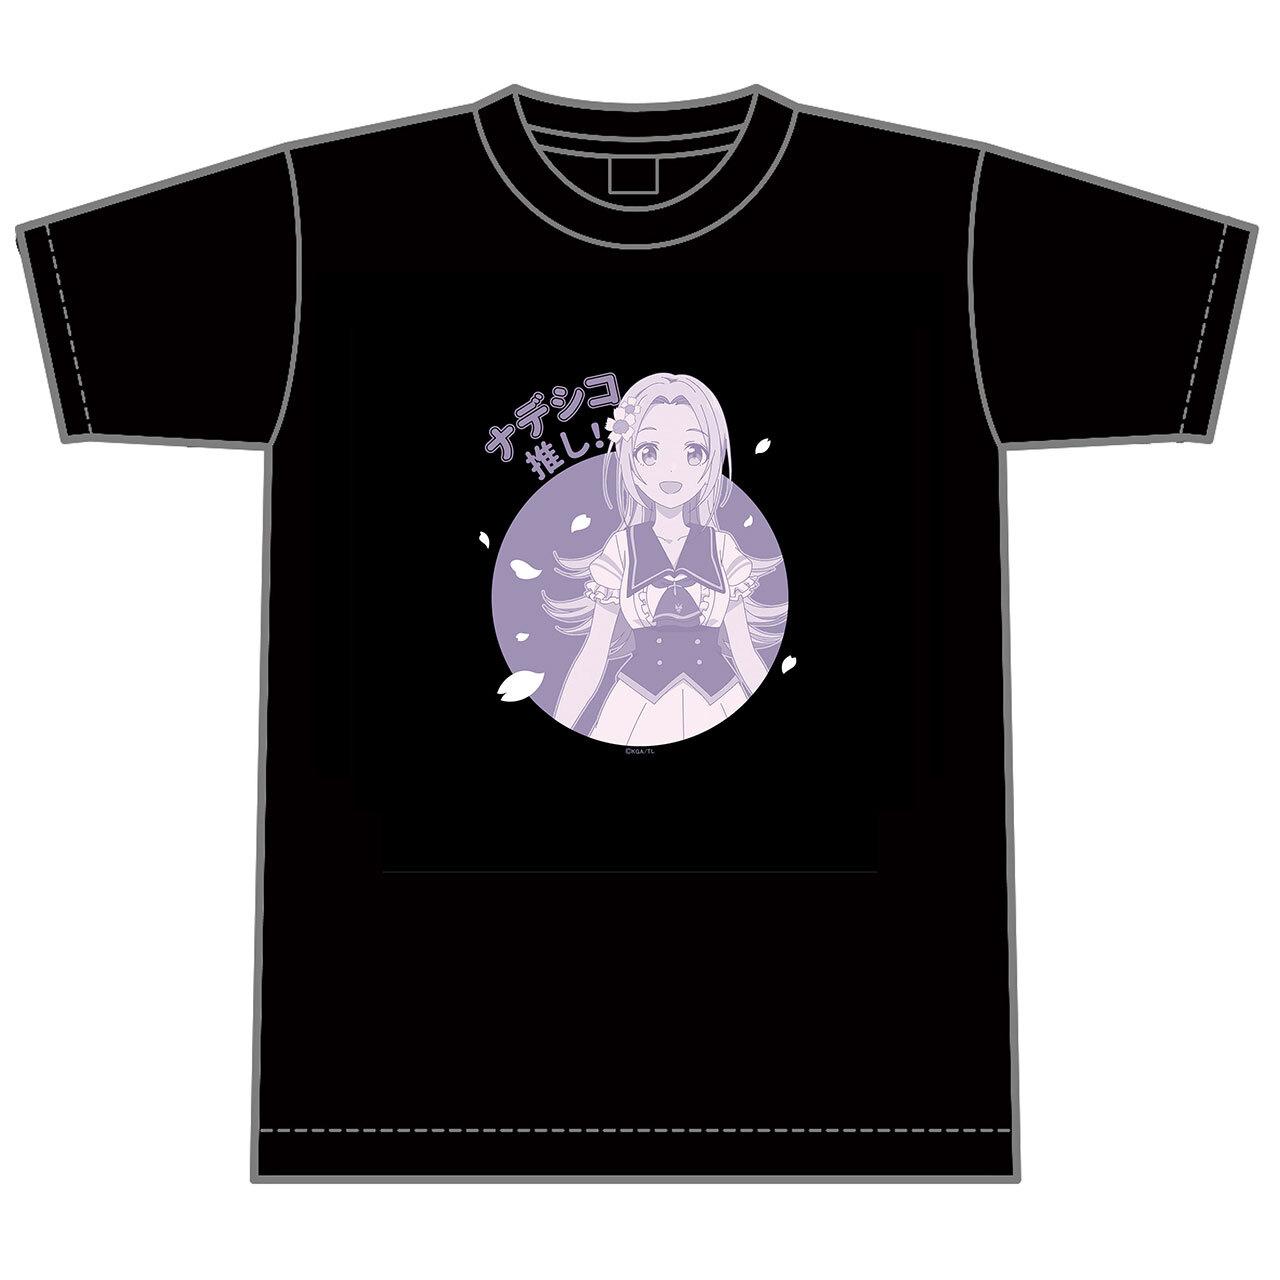 【4589839354981予】ラピスリライツ ナデシコ 推しTシャツ/Lサイズ